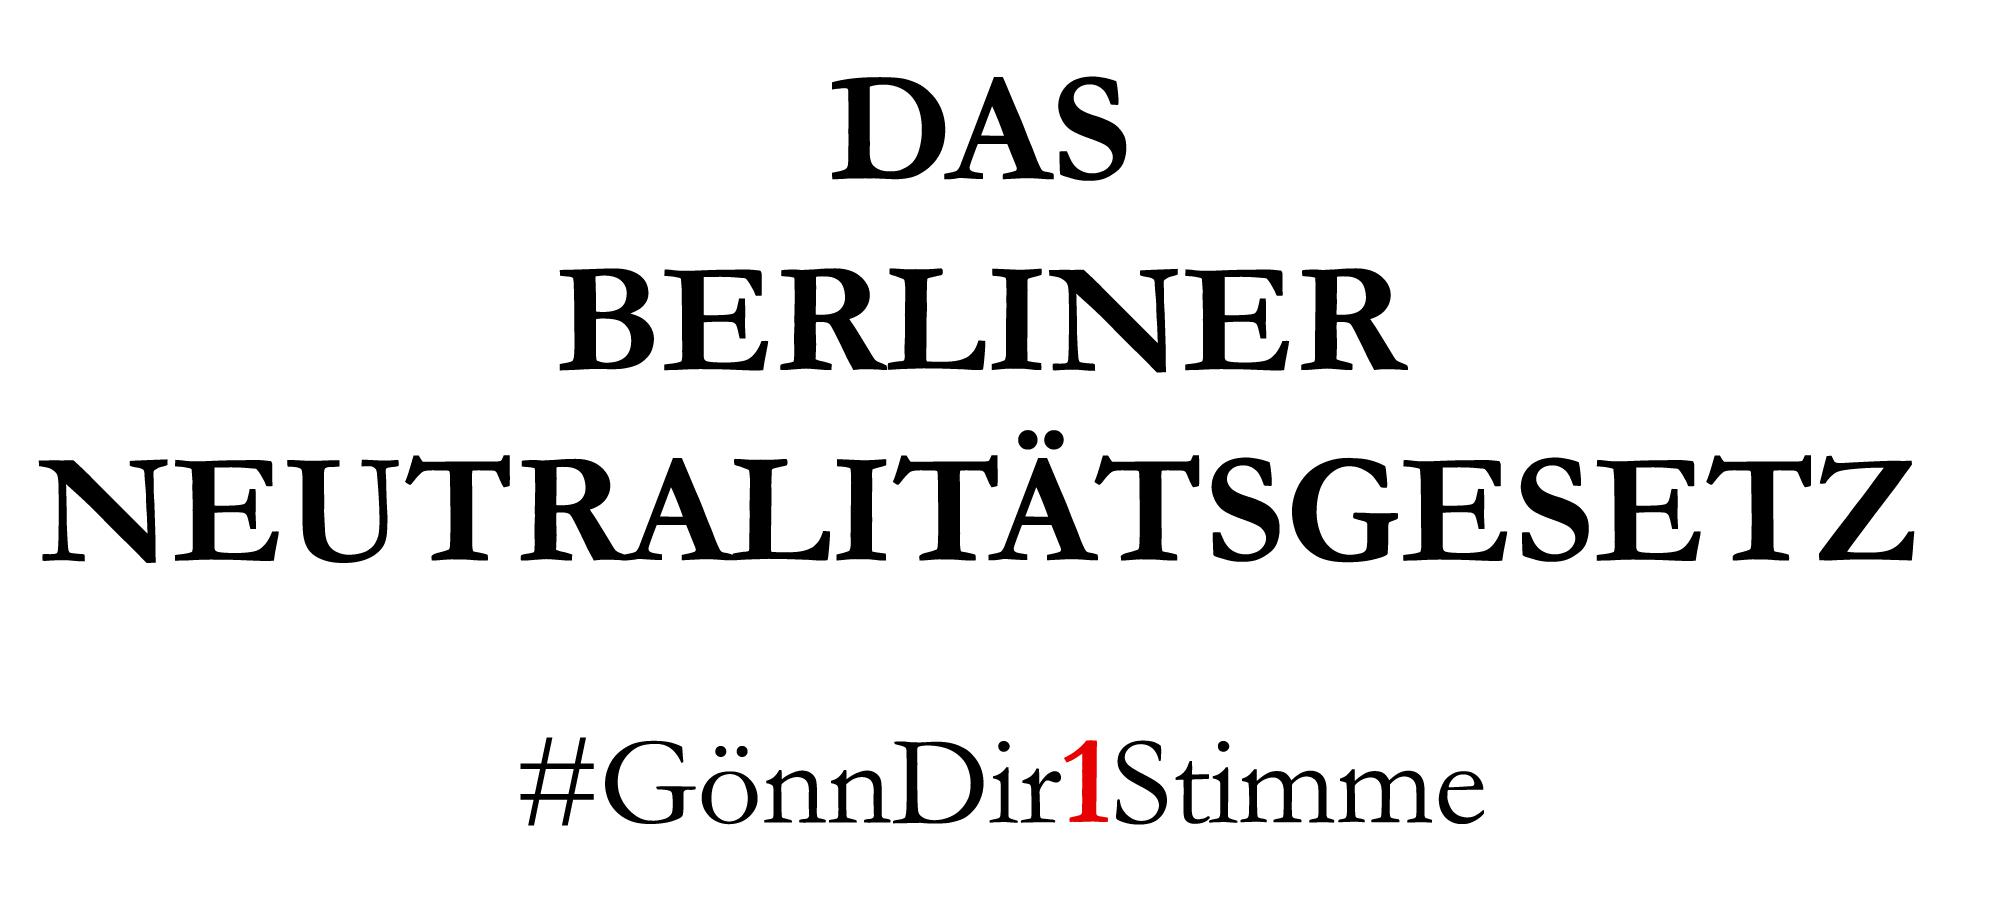 Ich möchte gerne als Deutschlehrerin arbeiten, aber mit dem Kopftuch ist es schwer, einen Job zu finden. Wie sehen Sie denn eine Überarbeitung des Berliner Neutralitätsgesetzes?